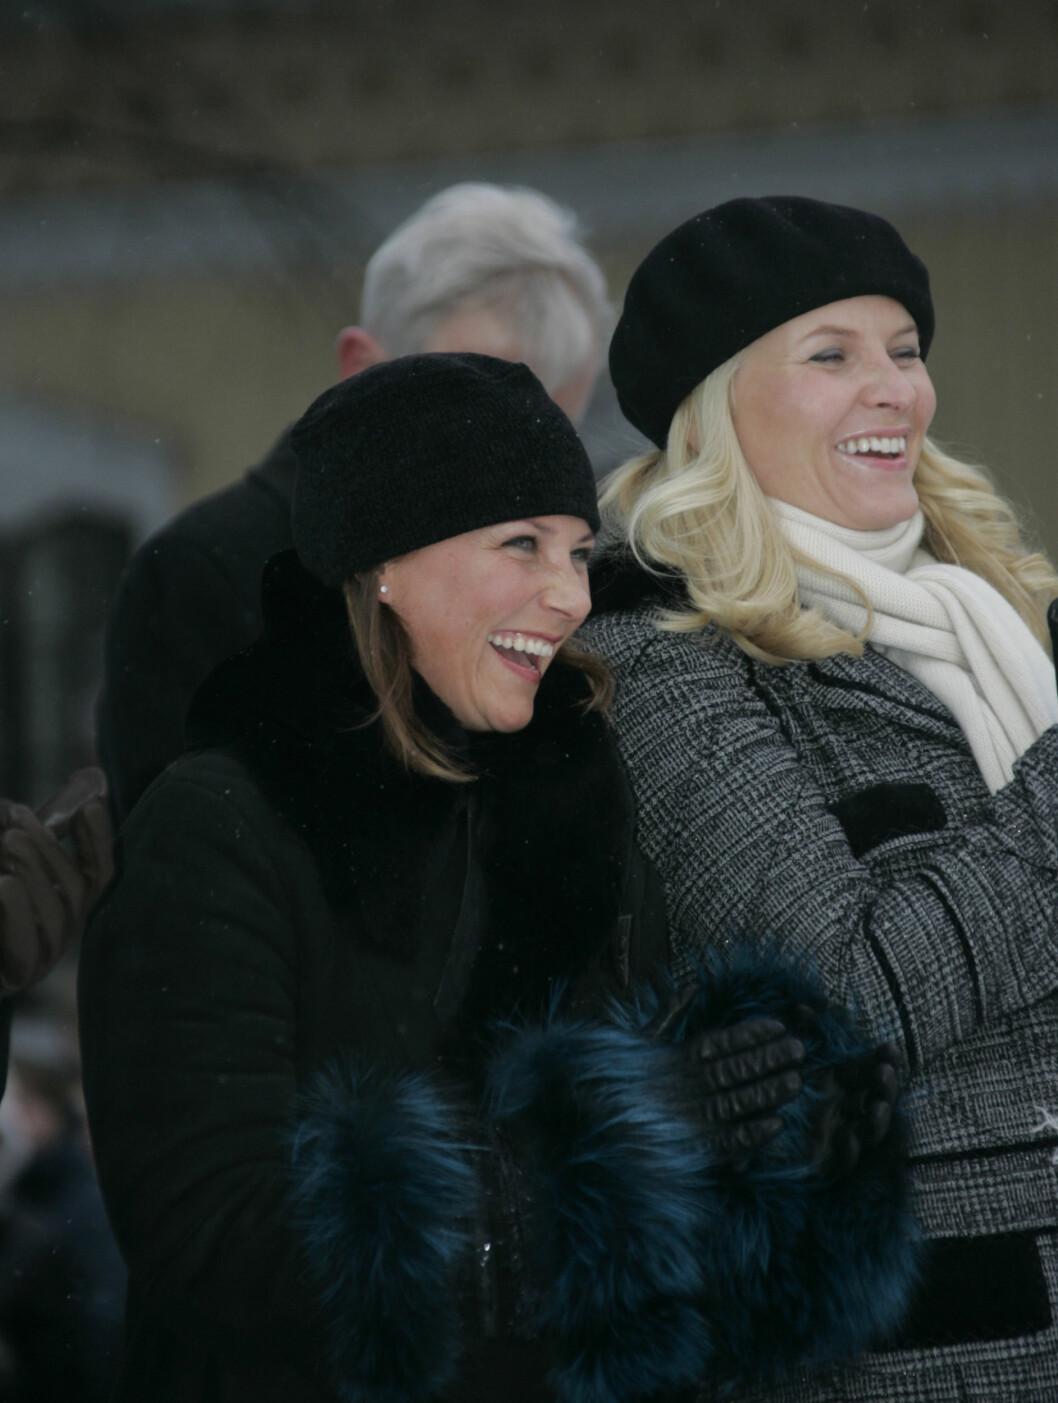 KONGENS BURSDAG: Svigerinnene Märtha Louise og Mette-Marit morer seg under avdukingen av statuen av kong Haralds mor kronprinsesse Märtha i slottsparken i 2007. Foto: Stella Pictures